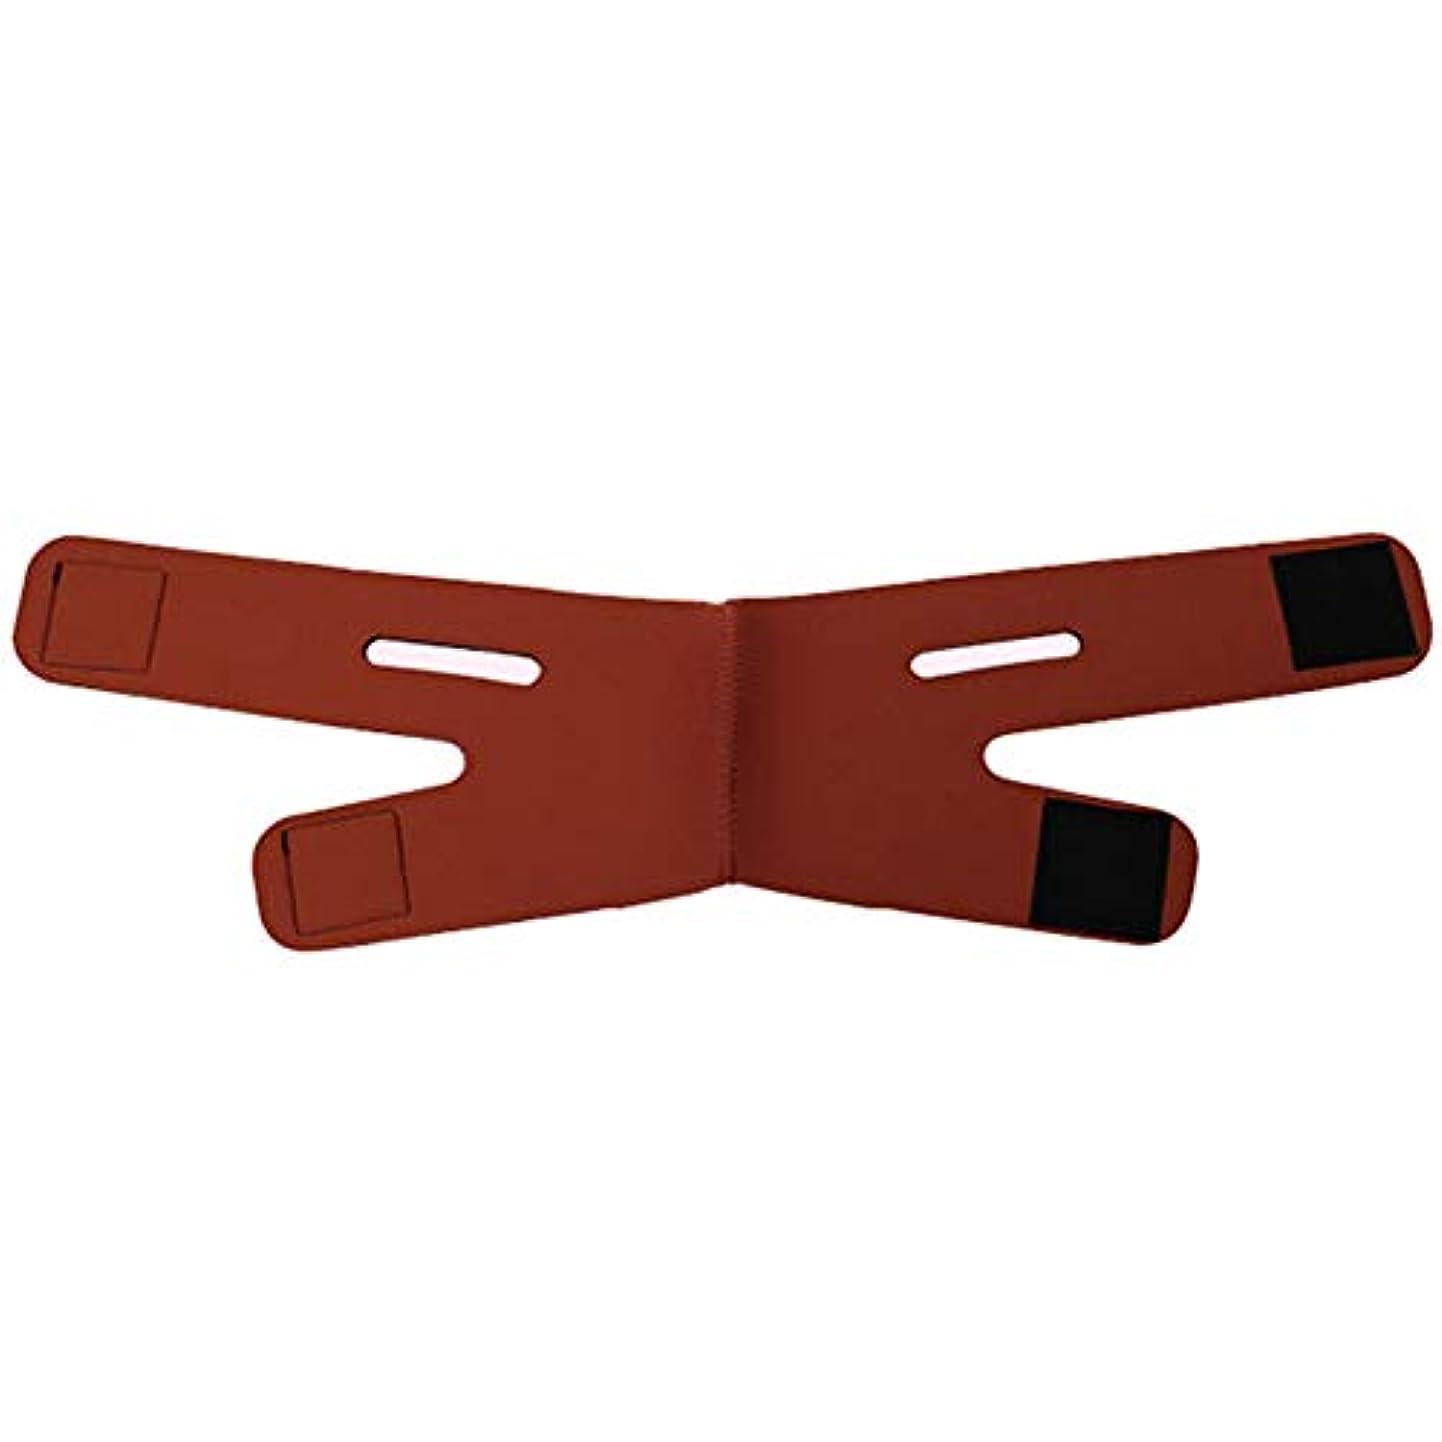 三残酷な霧深いGYZ フェイシャルリフティング痩身ベルト圧縮二重あご減量ベルトスキンケア薄い顔包帯二重あごワークアウト Thin Face Belt (Color : Red)